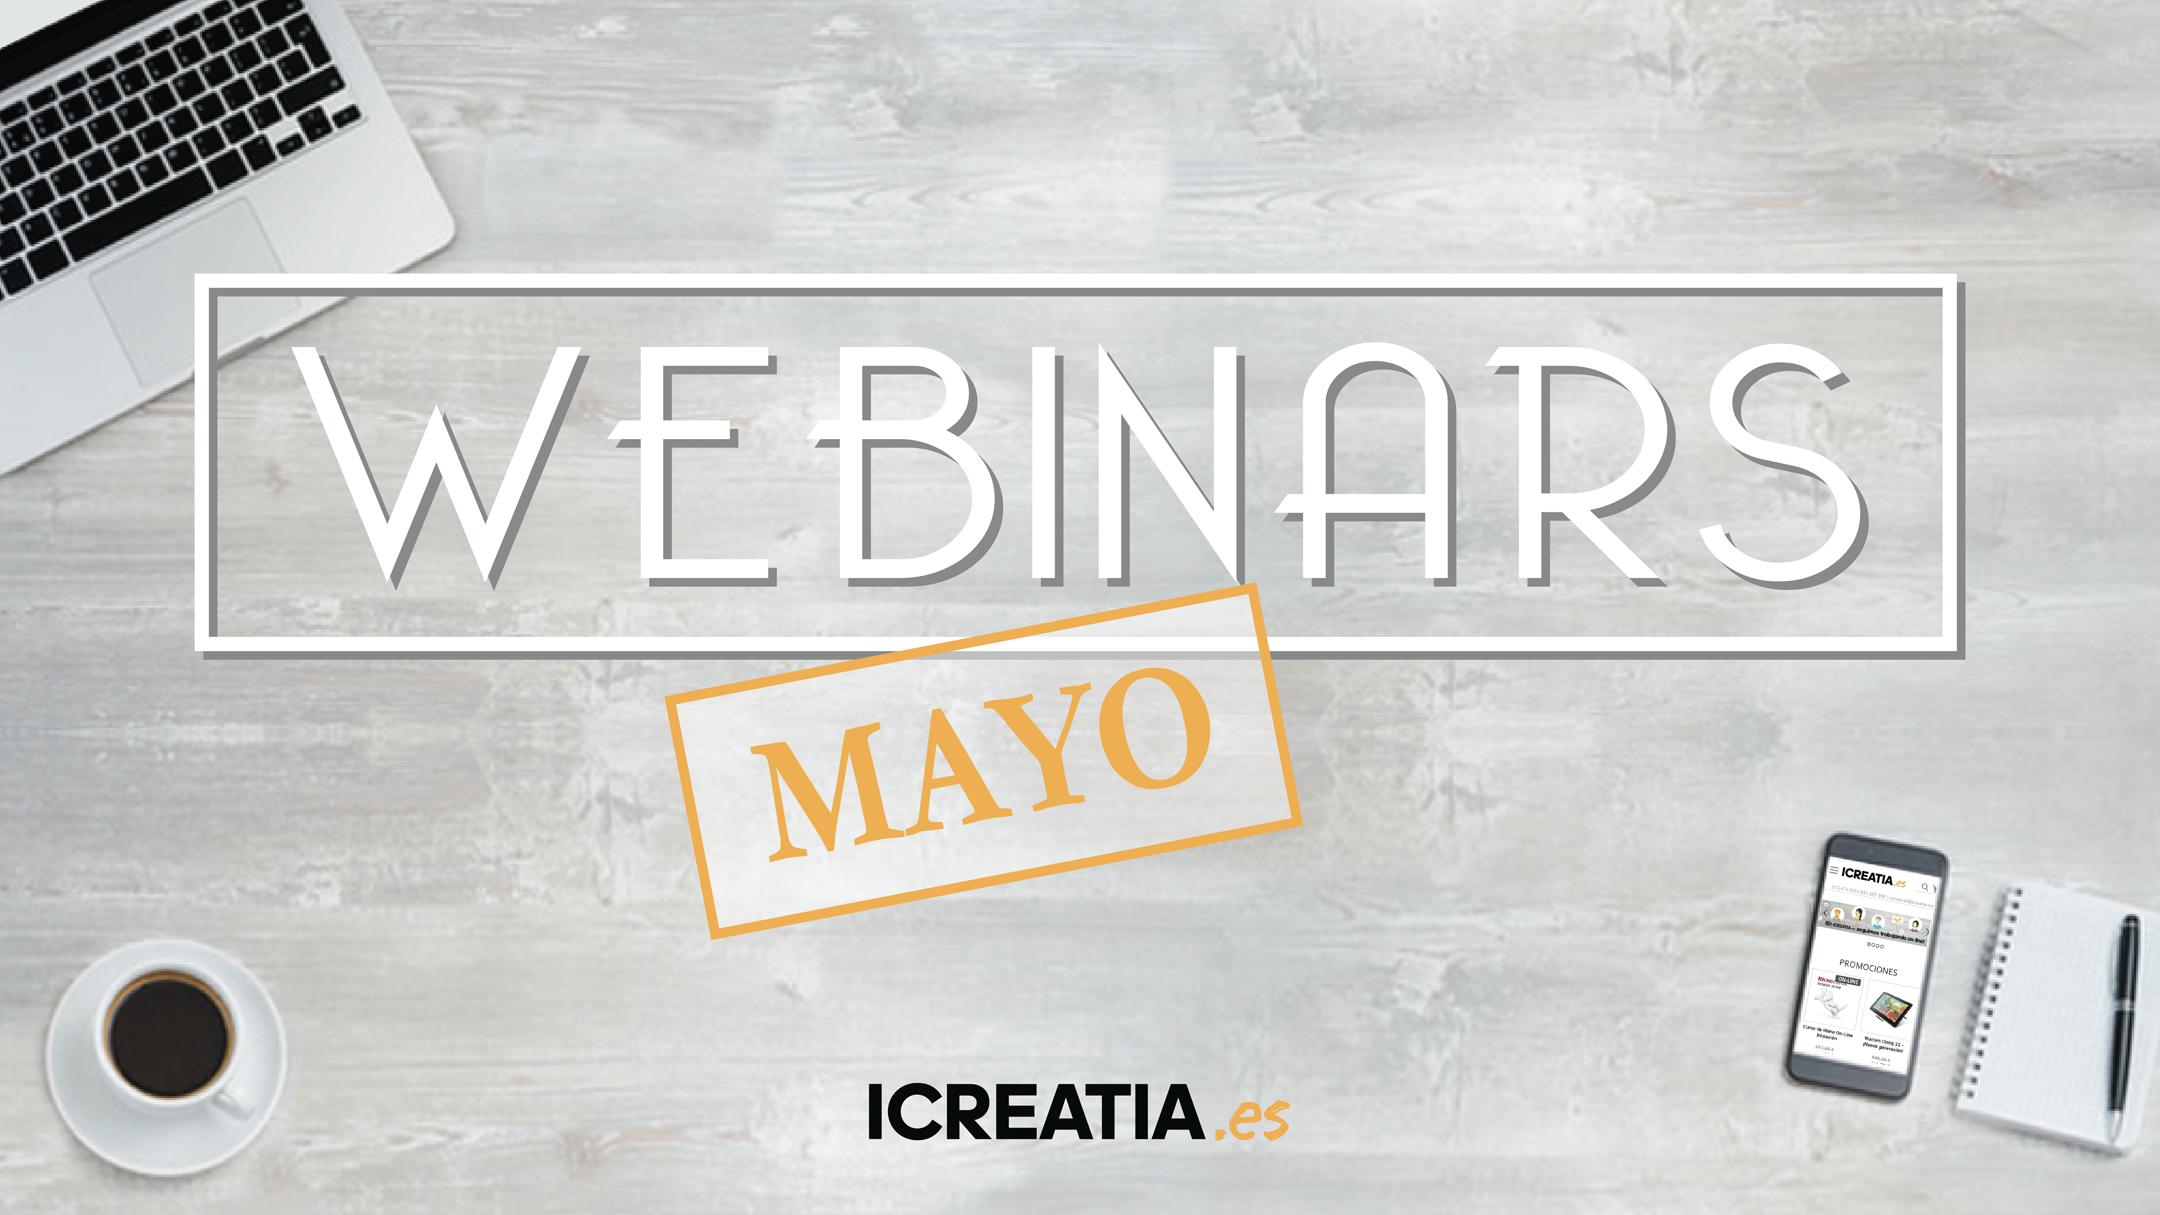 Webinars Gratuitos Mayo 2020 en icreatia